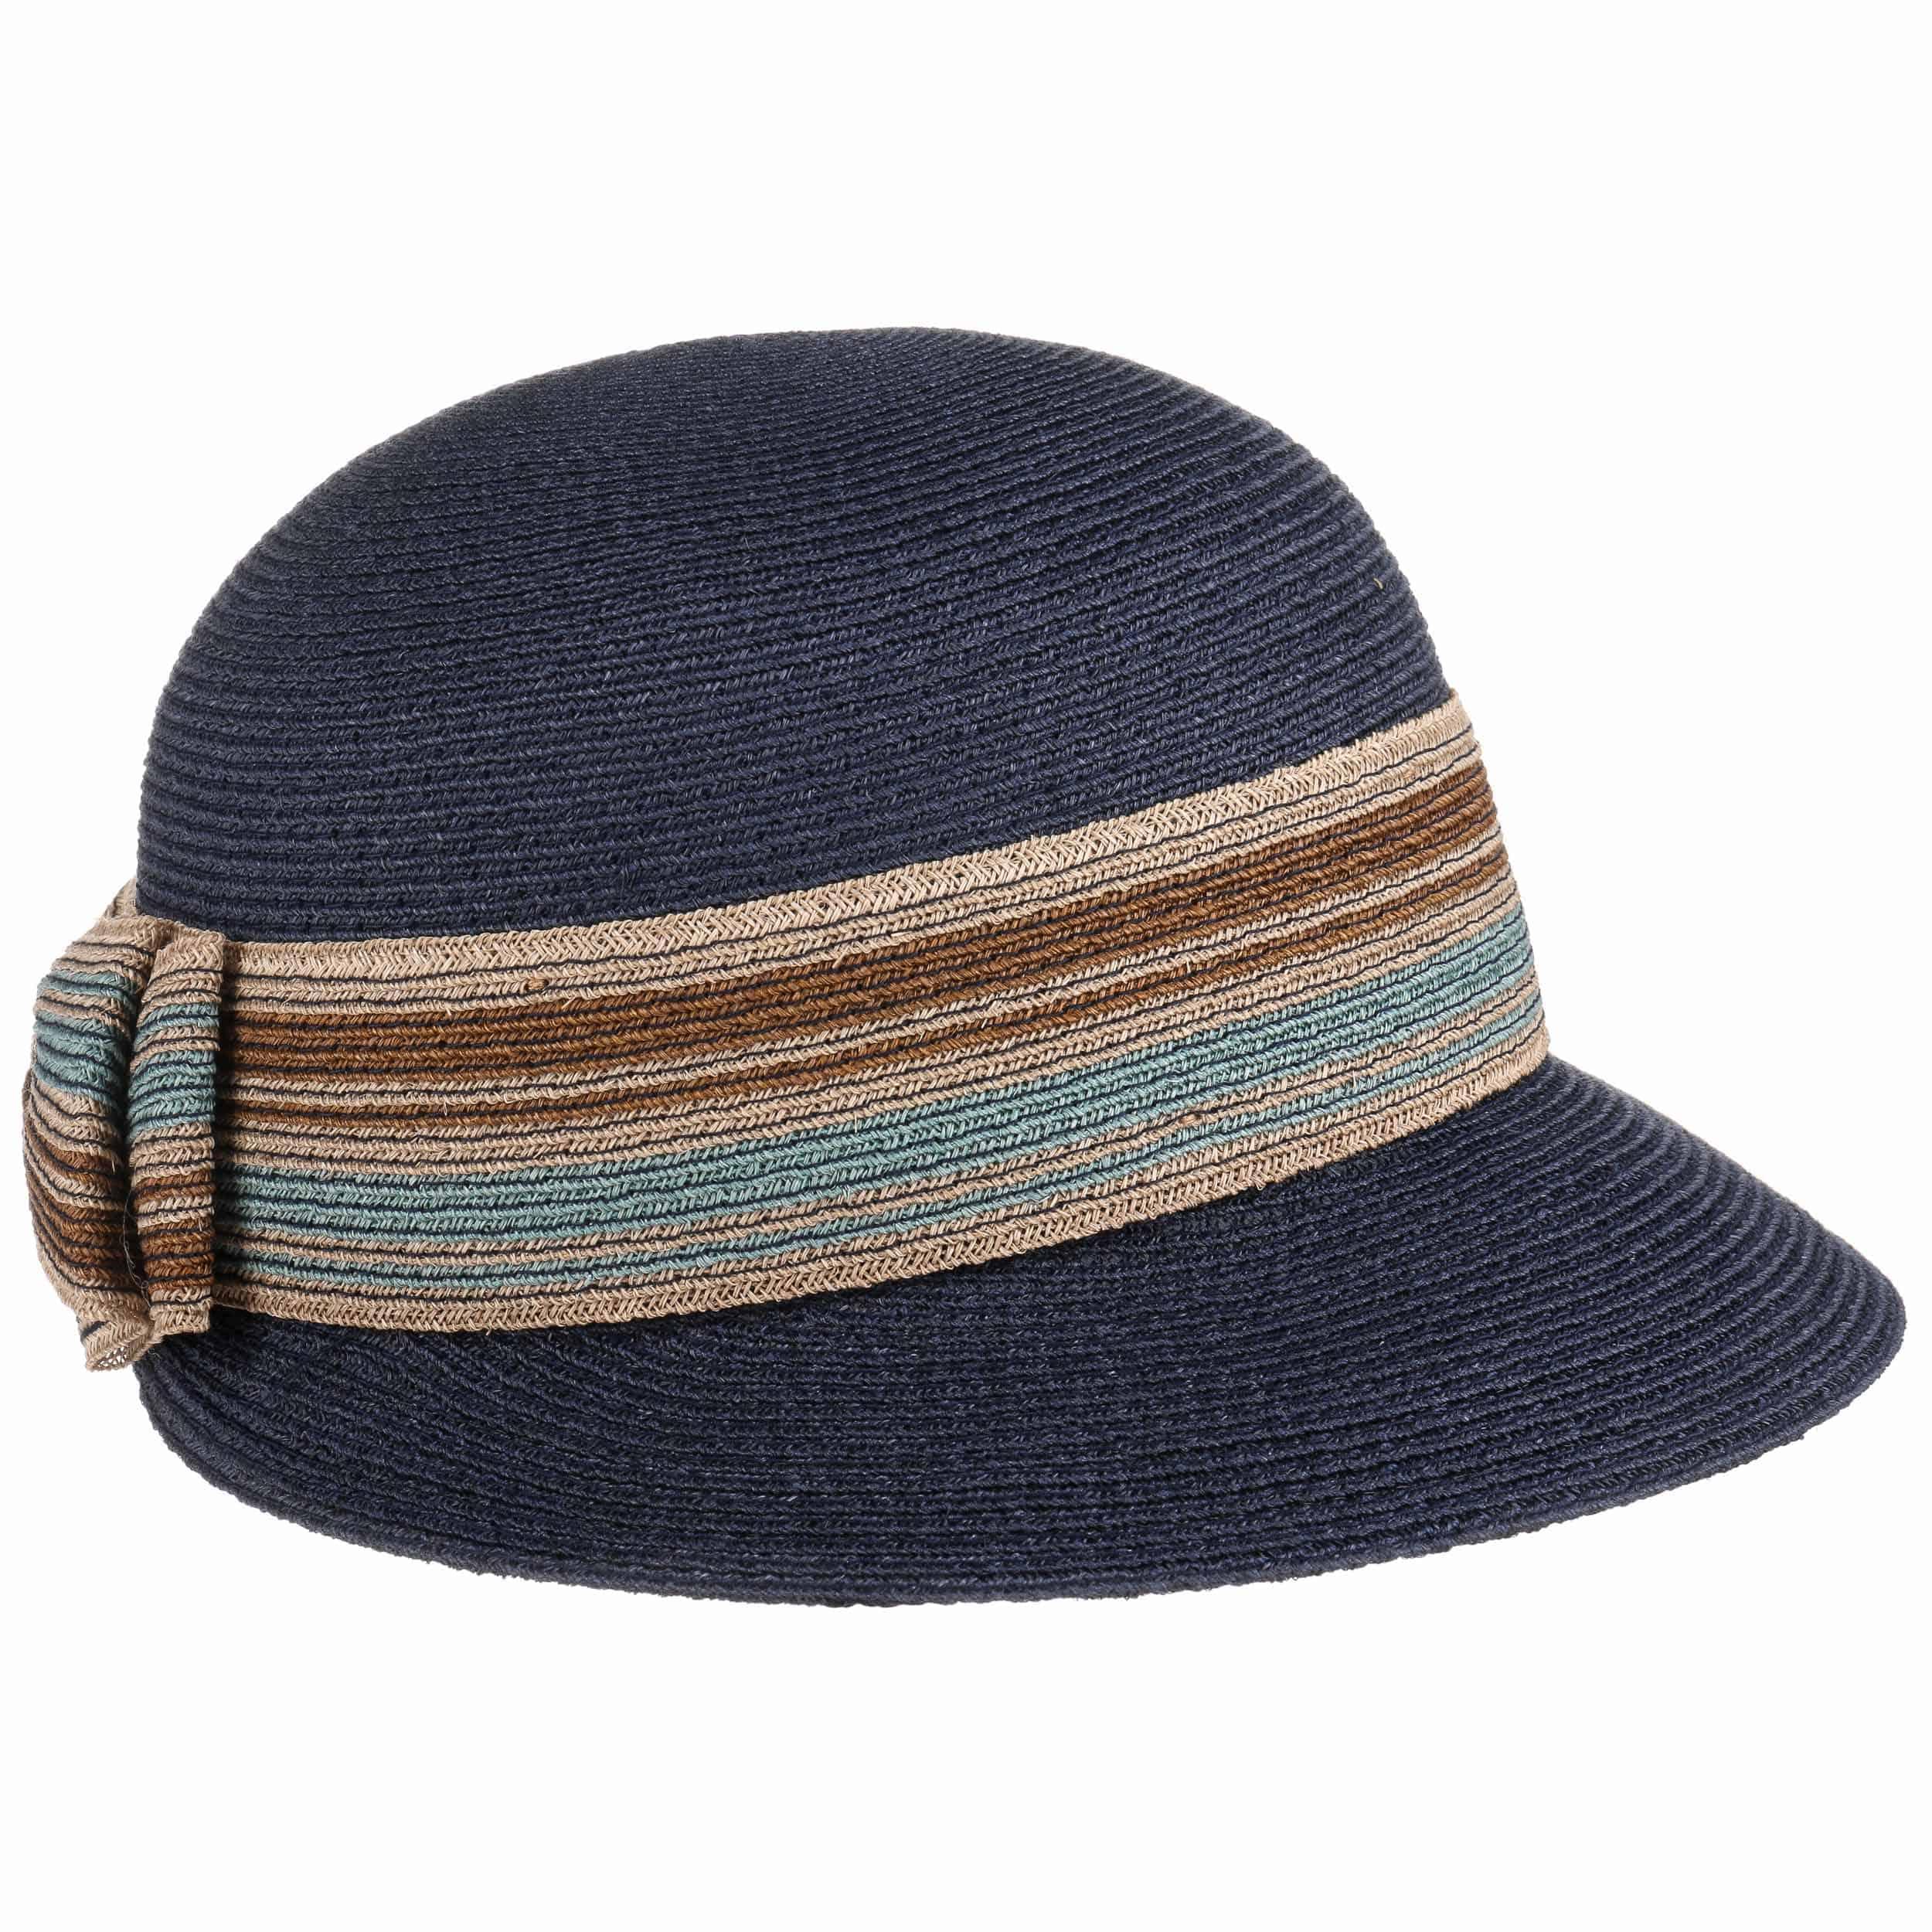 9fee0c2820adc Sombrero Cloché Lady Kasita by bedacht - Sombreros - sombreroshop.es